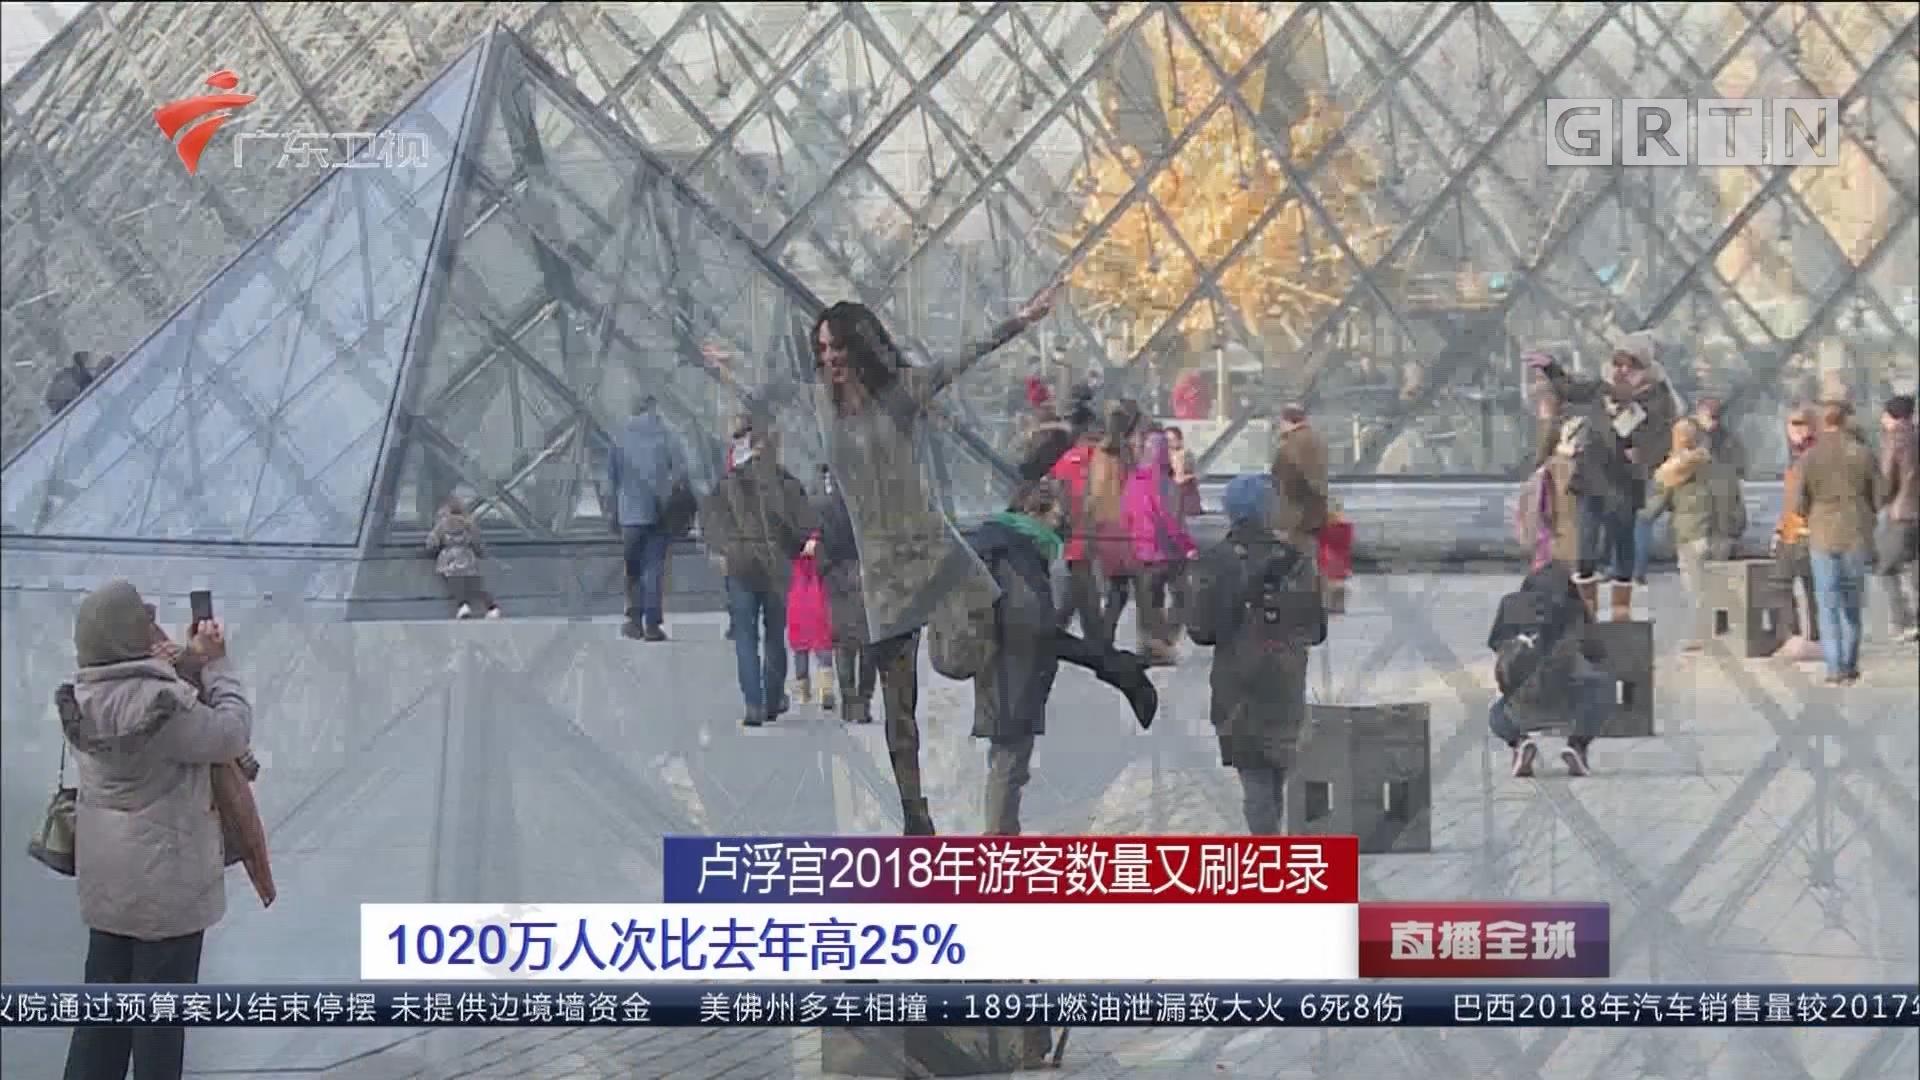 卢浮宫2018年游客数量又刷纪录 1020万人次比去年高25%